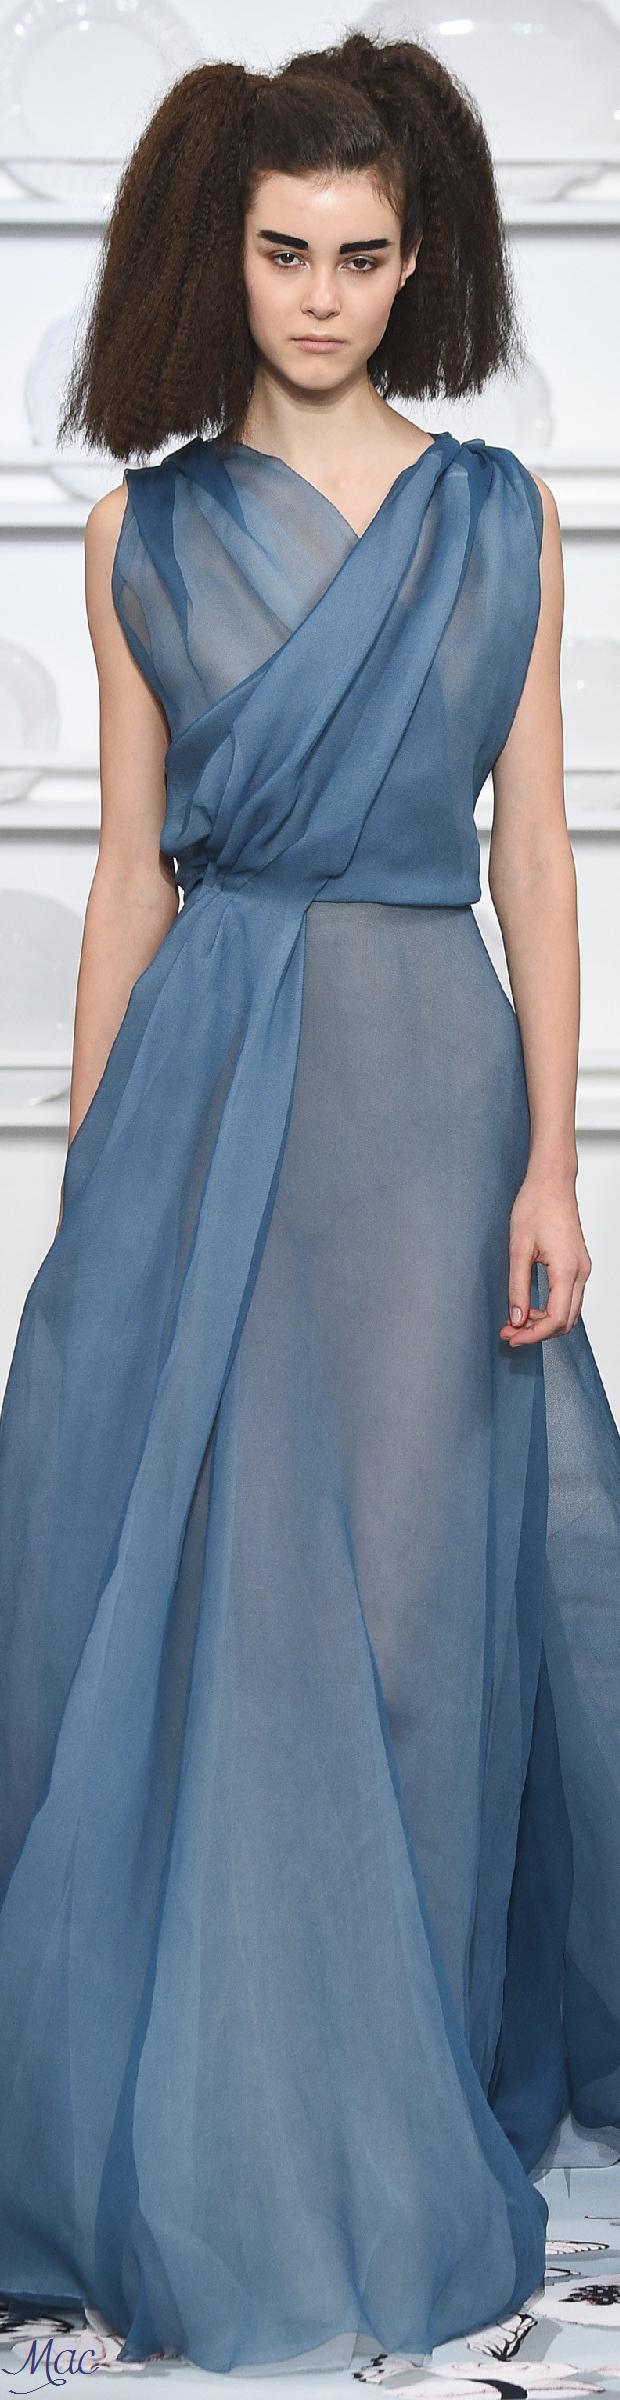 Spring 2016 Haute Couture  Schiaparelli